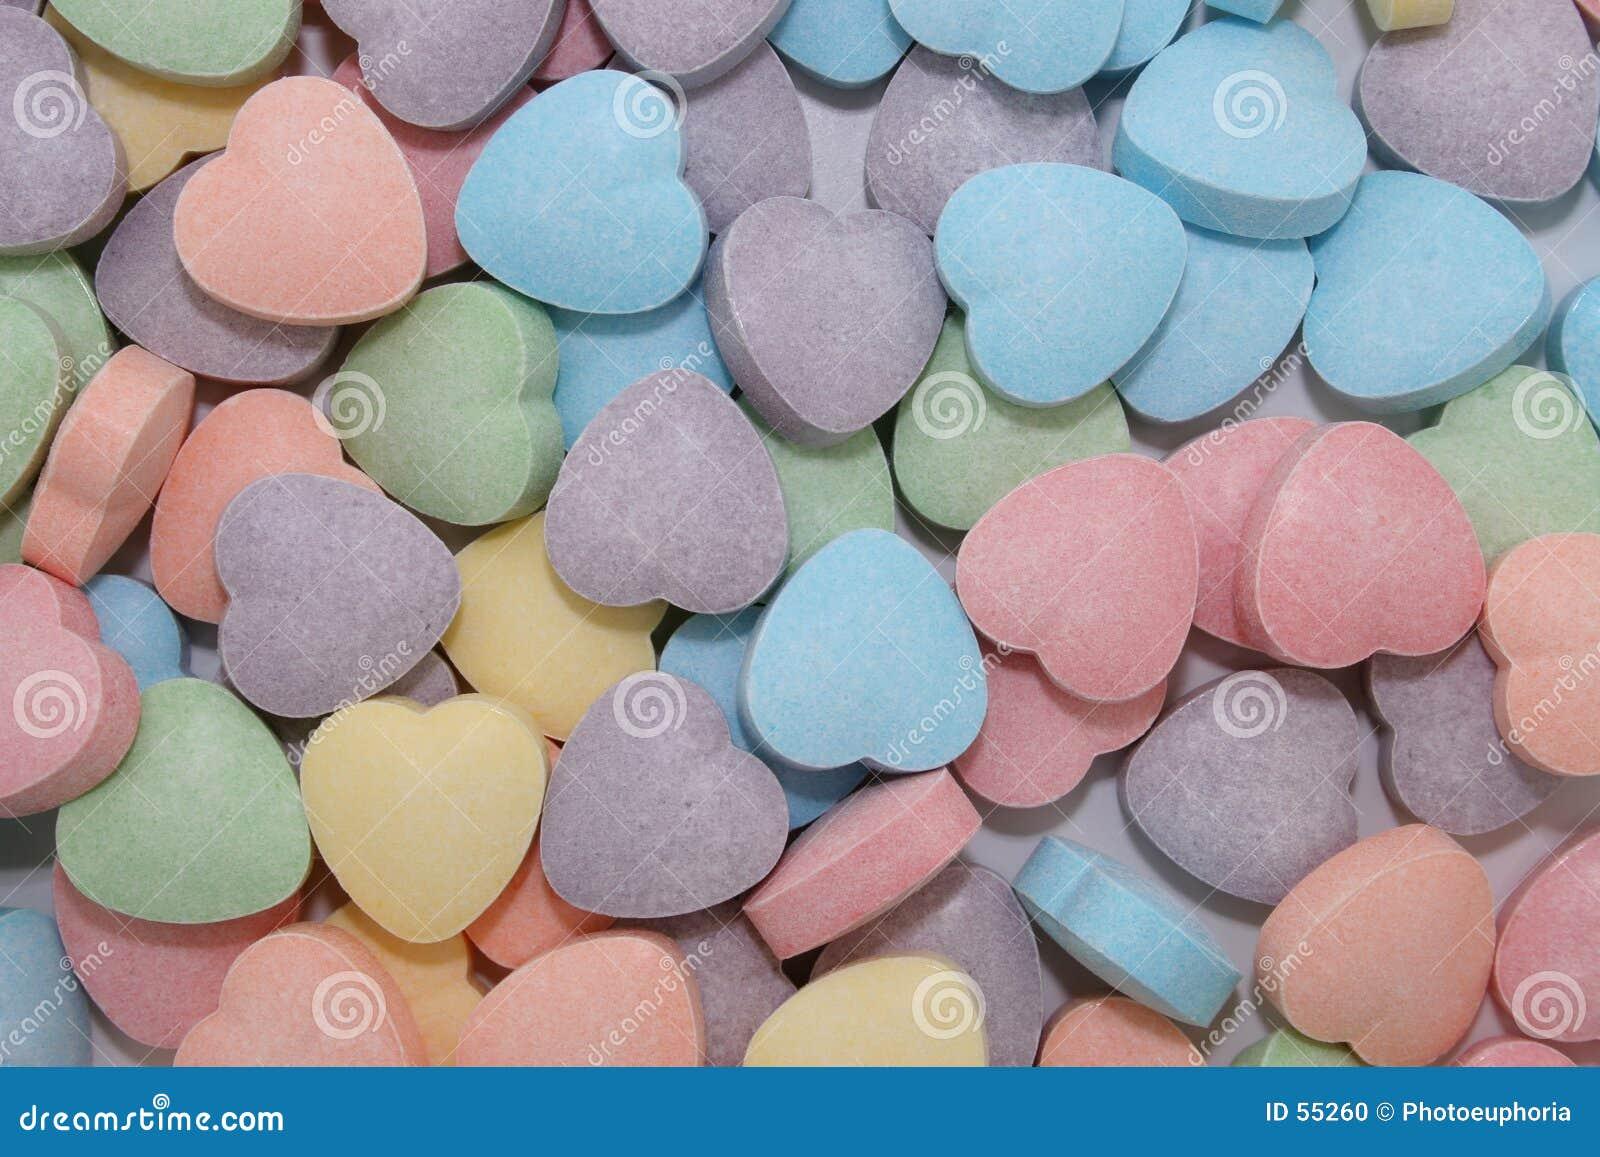 Fondo del corazón del caramelo (imagen 8.2mp)